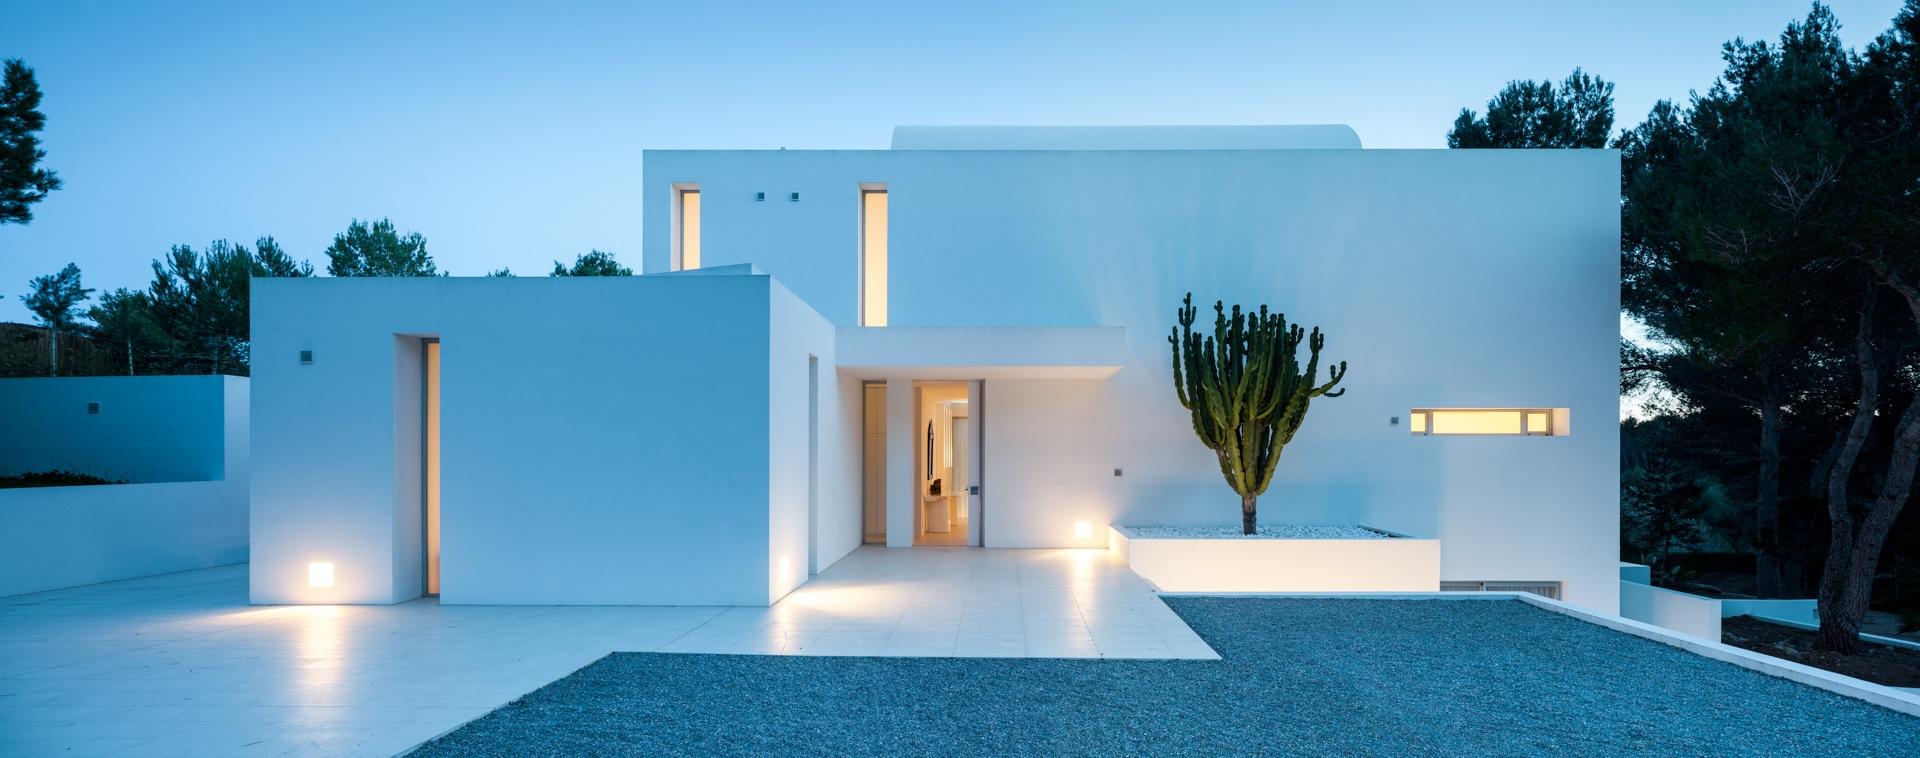 Ca lina casa de vacaciones en el corazon de ibiza ibiza for El jardin de luz ibiza